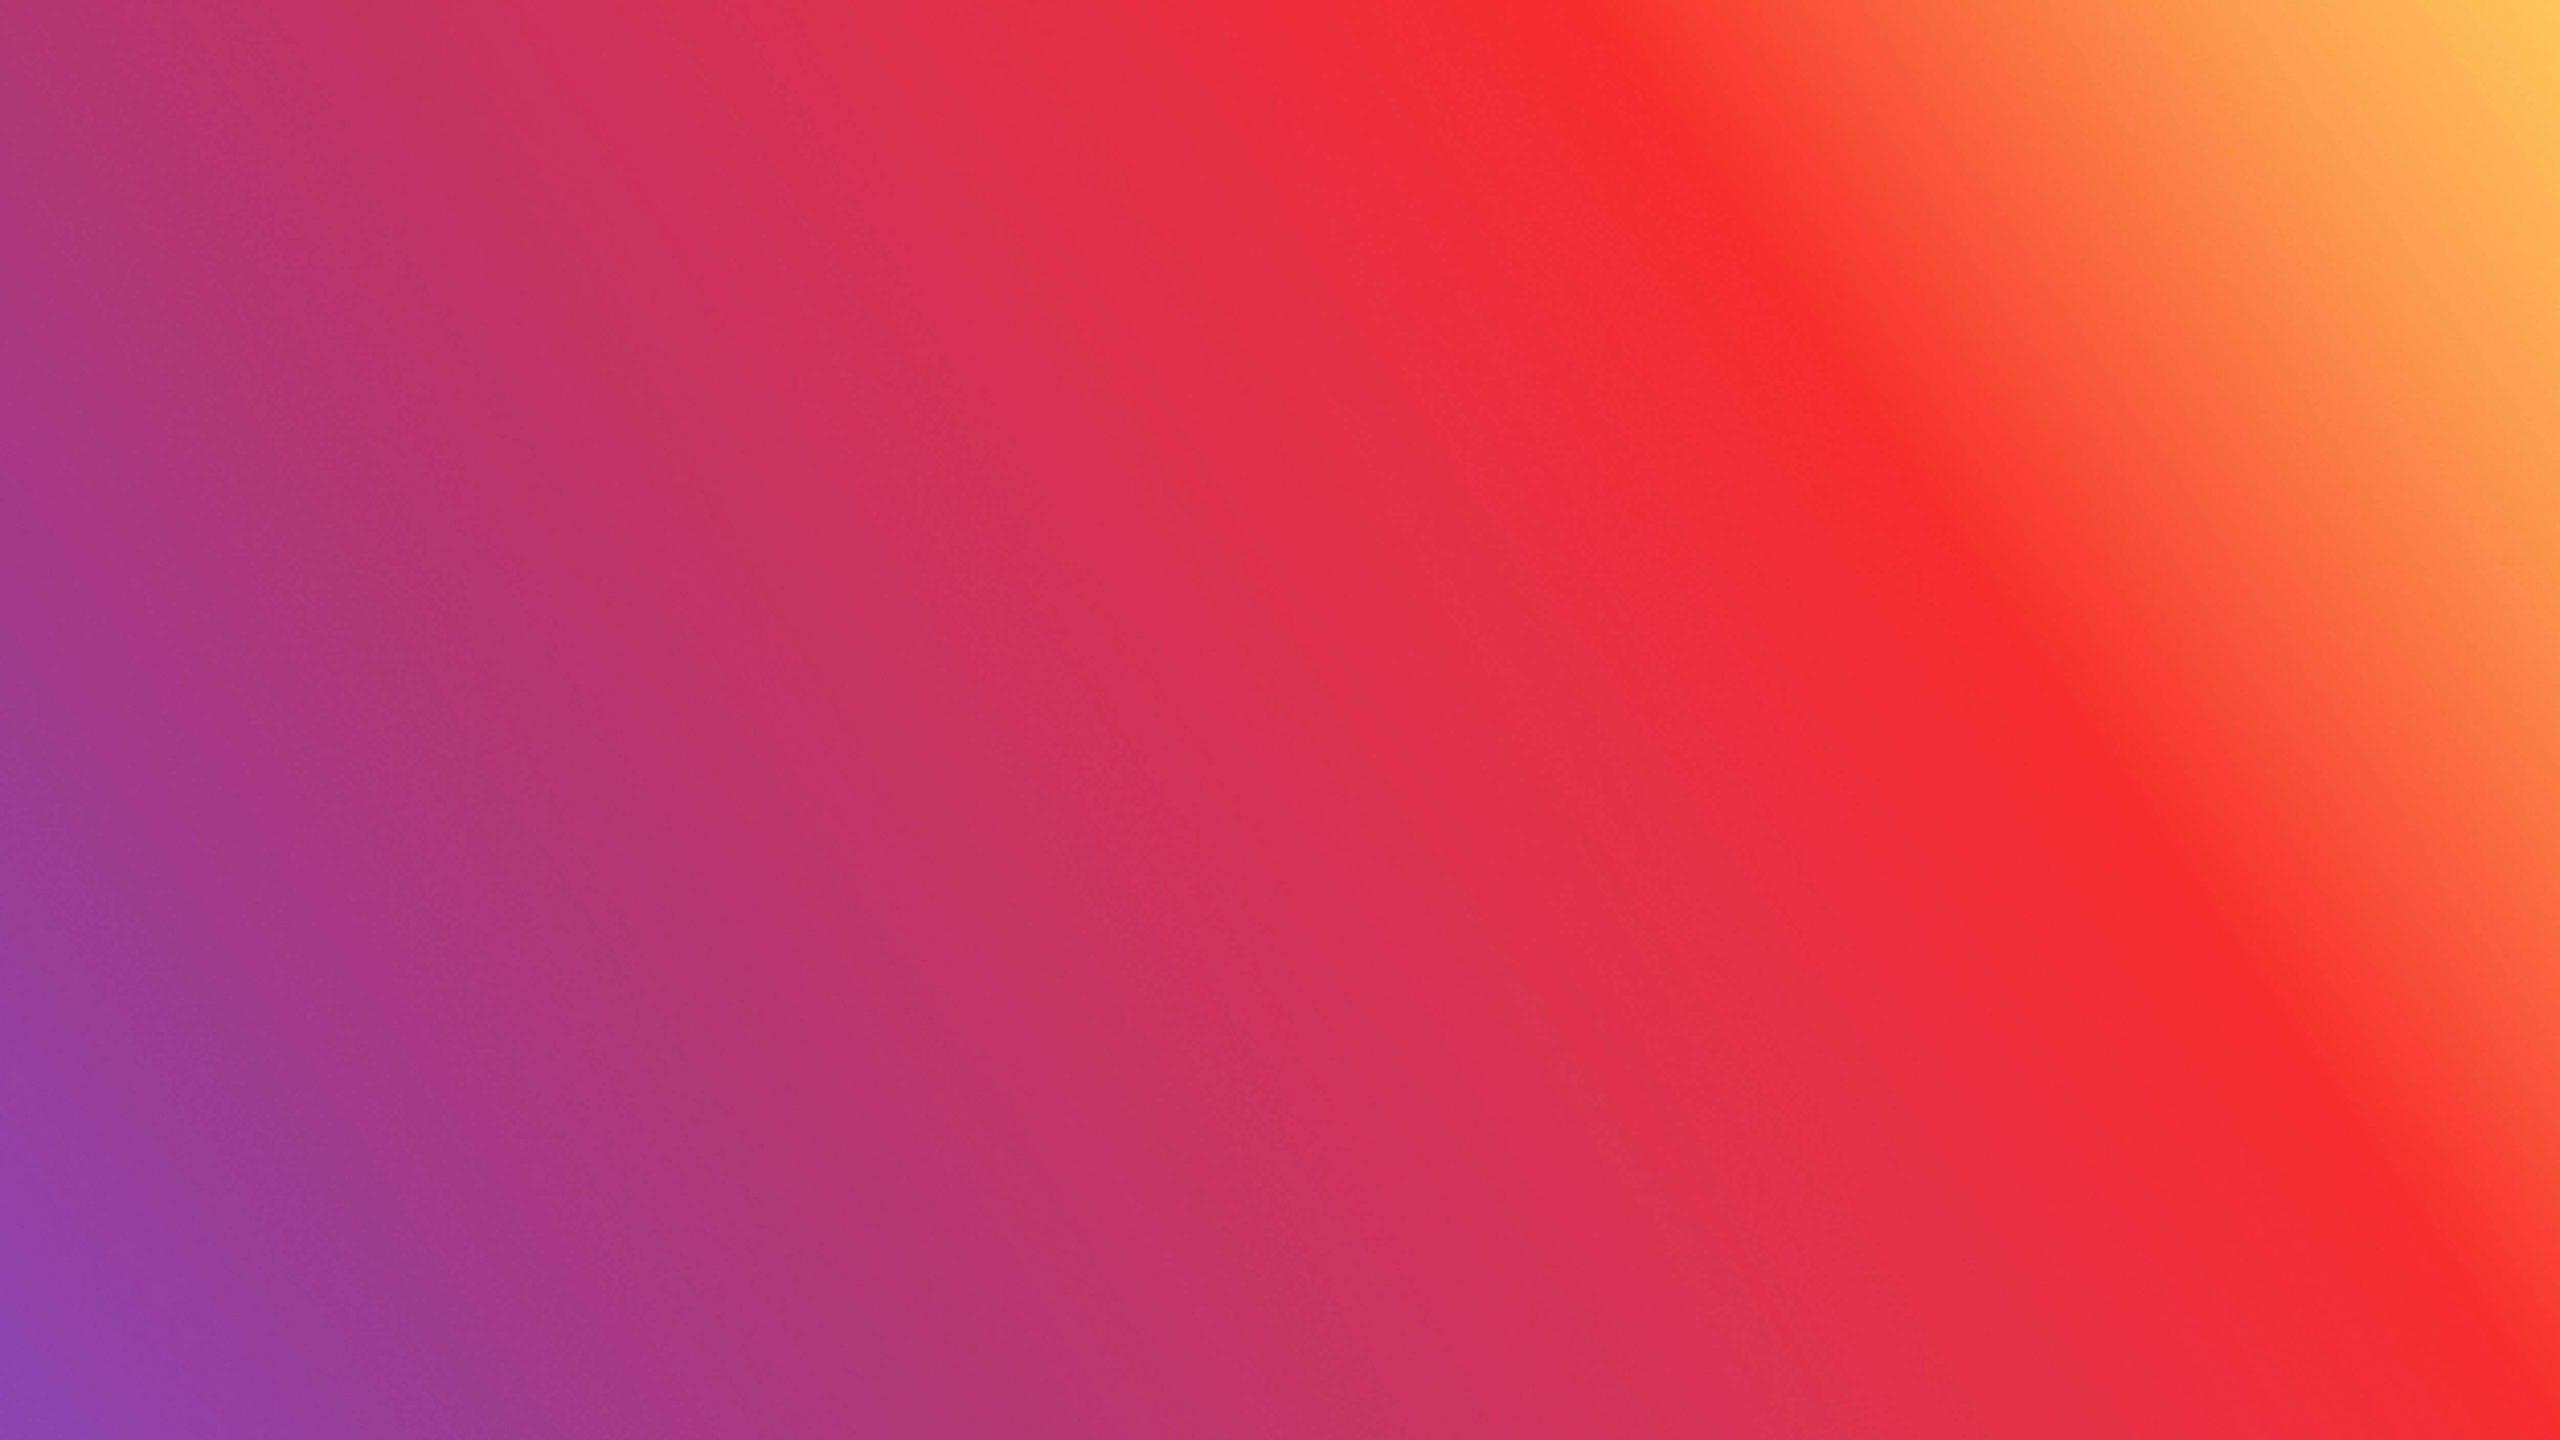 Come fare un filtro Instagram: consigli e strategie